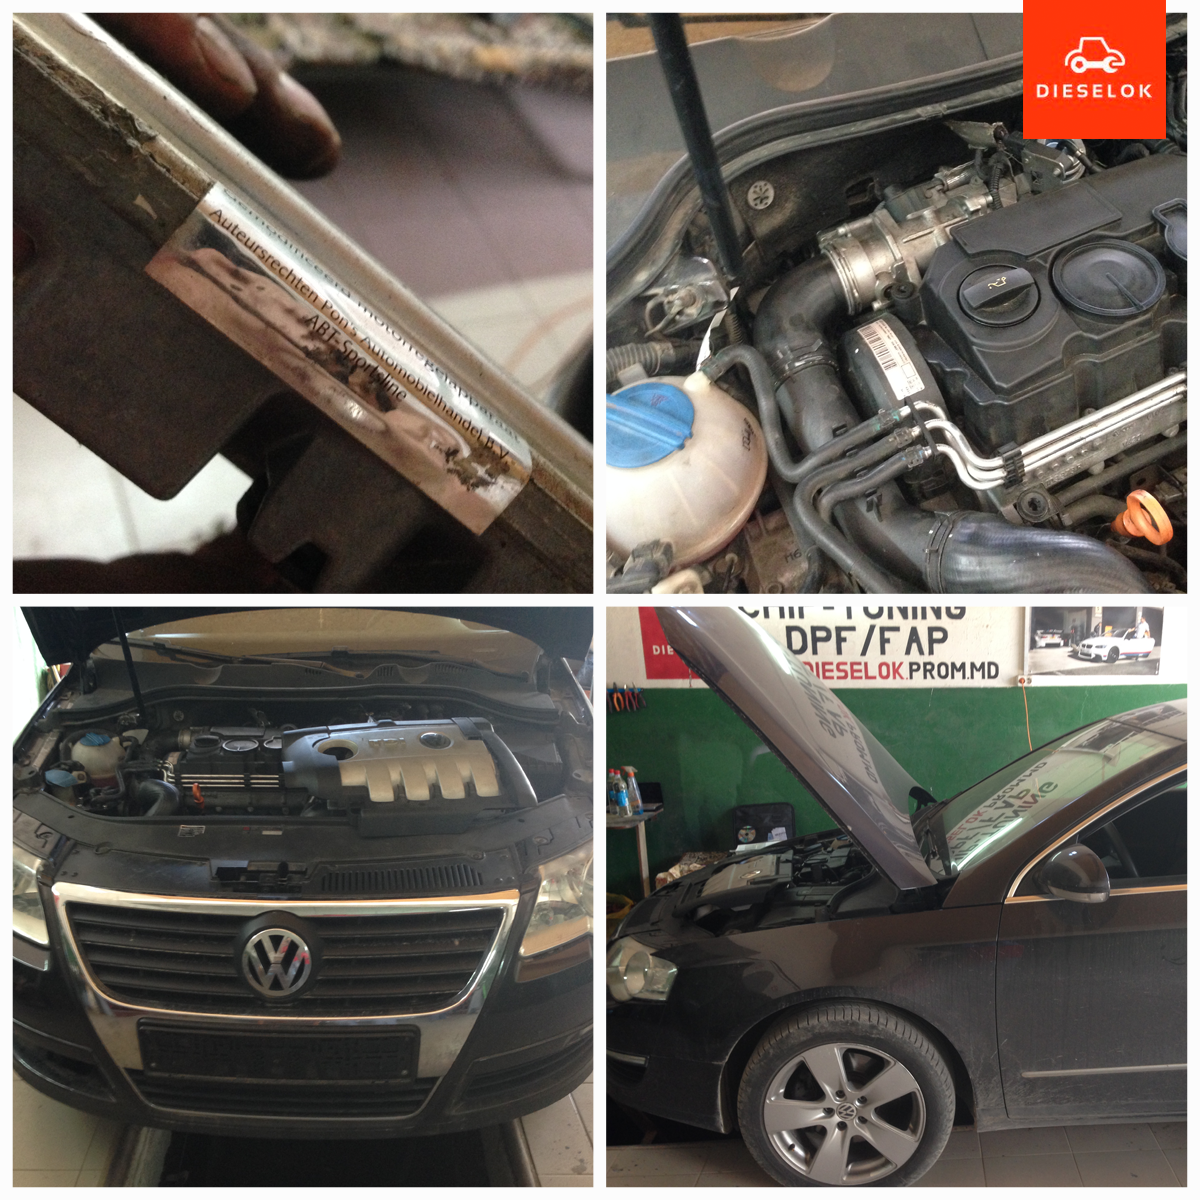 Volkswagen Passat DPF